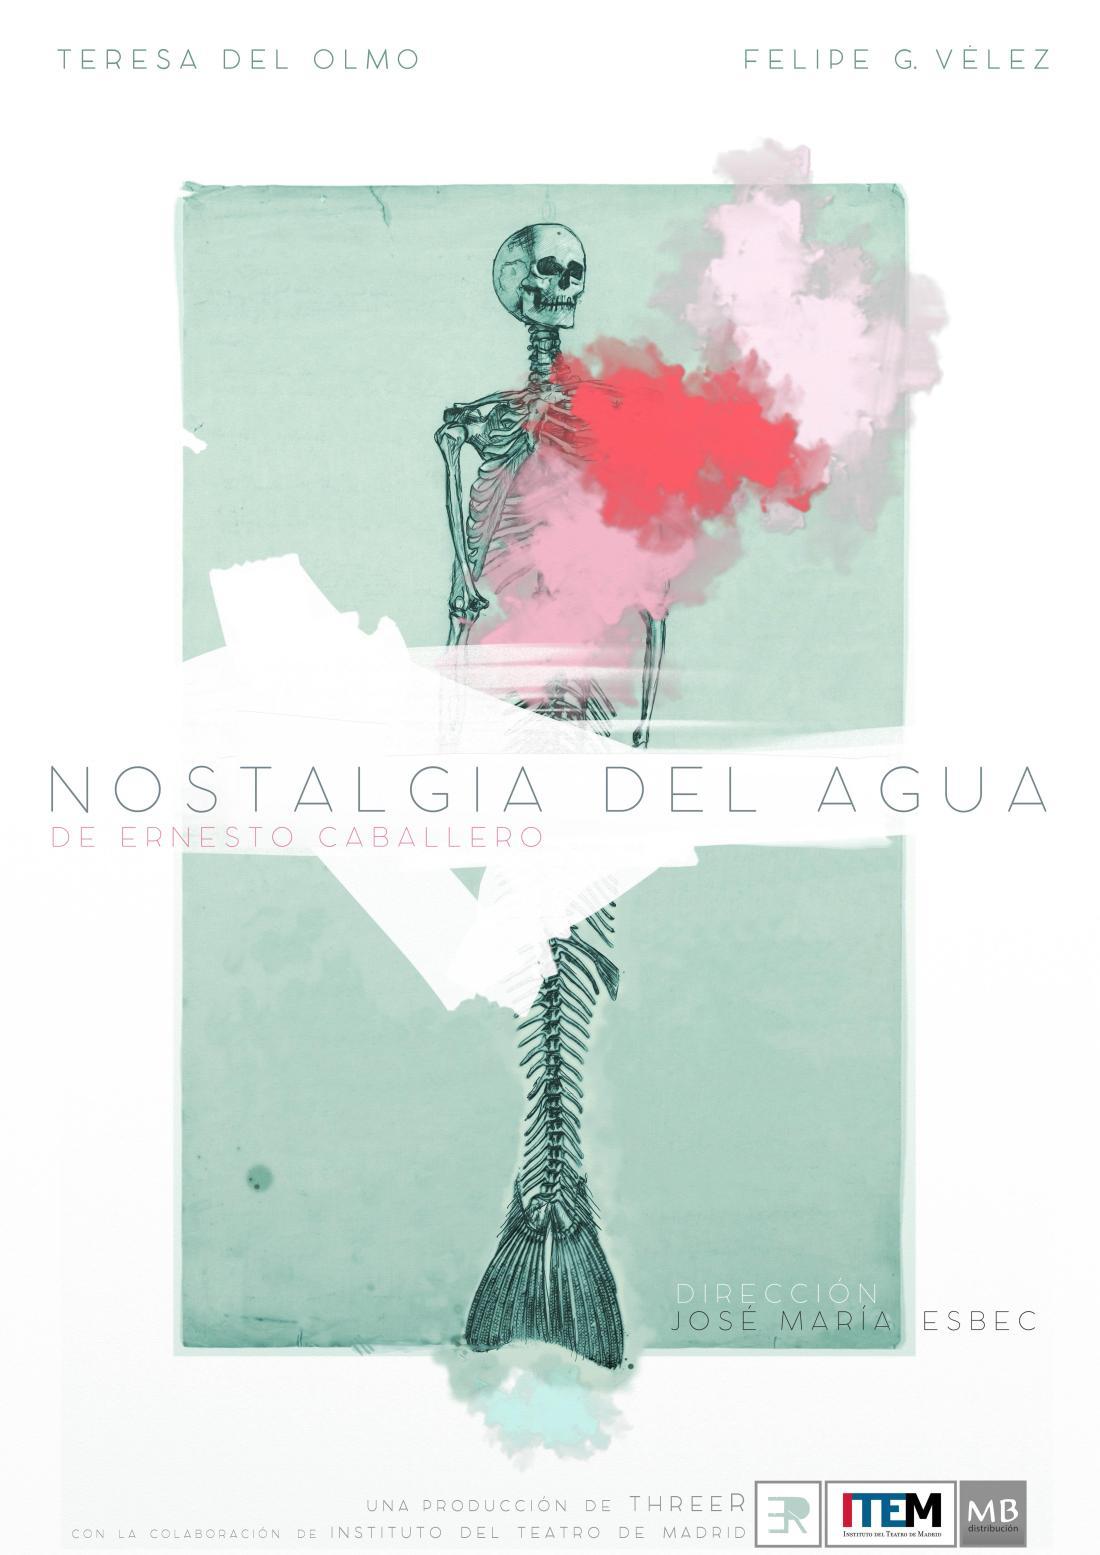 cartel-nostalgia-del-agua-a2-420-x-594mm-vertical